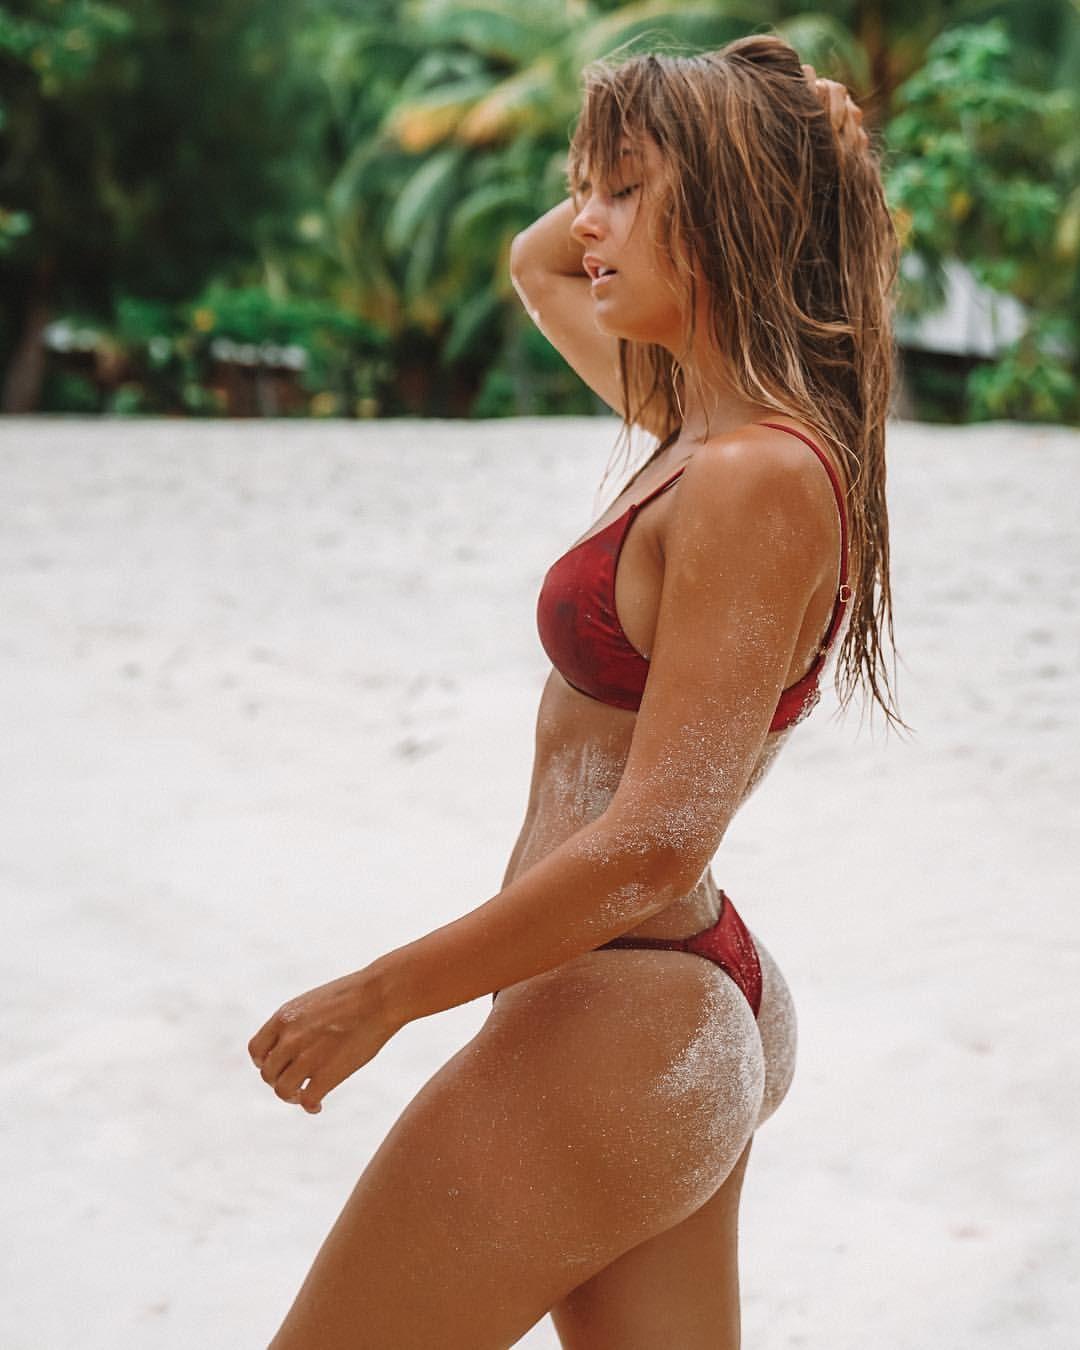 Sampson fuck claire s bikini page fat porn man